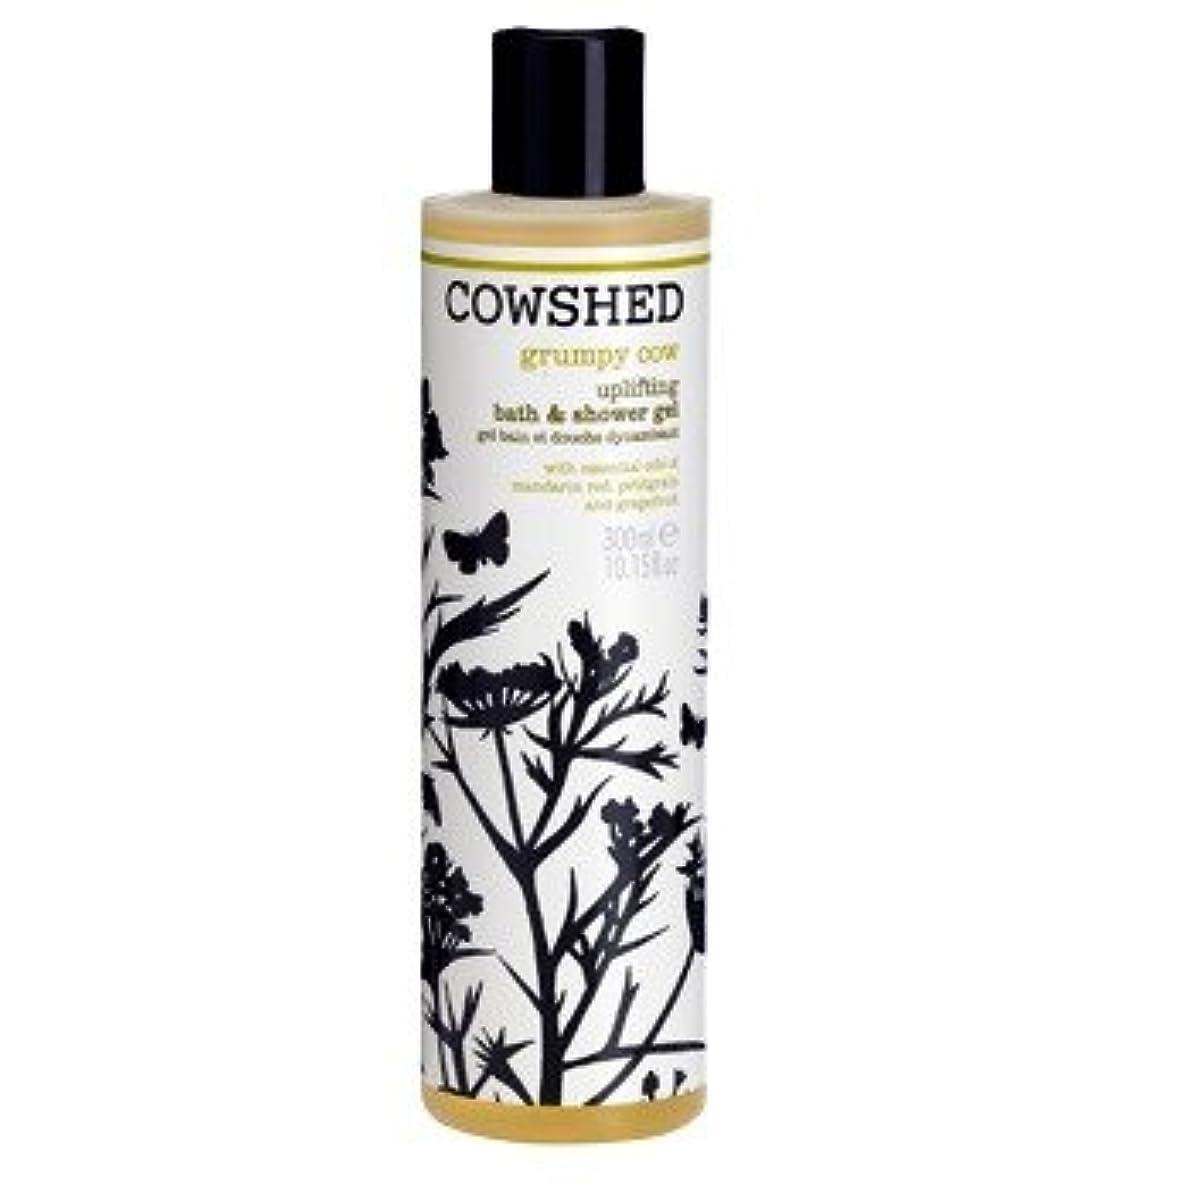 蜜合体アトム牛舎気難しい牛高揚バス&シャワージェル300ミリリットル (Cowshed) (x2) - Cowshed Grumpy Cow Uplifting Bath & Shower Gel 300ml (Pack of 2)...